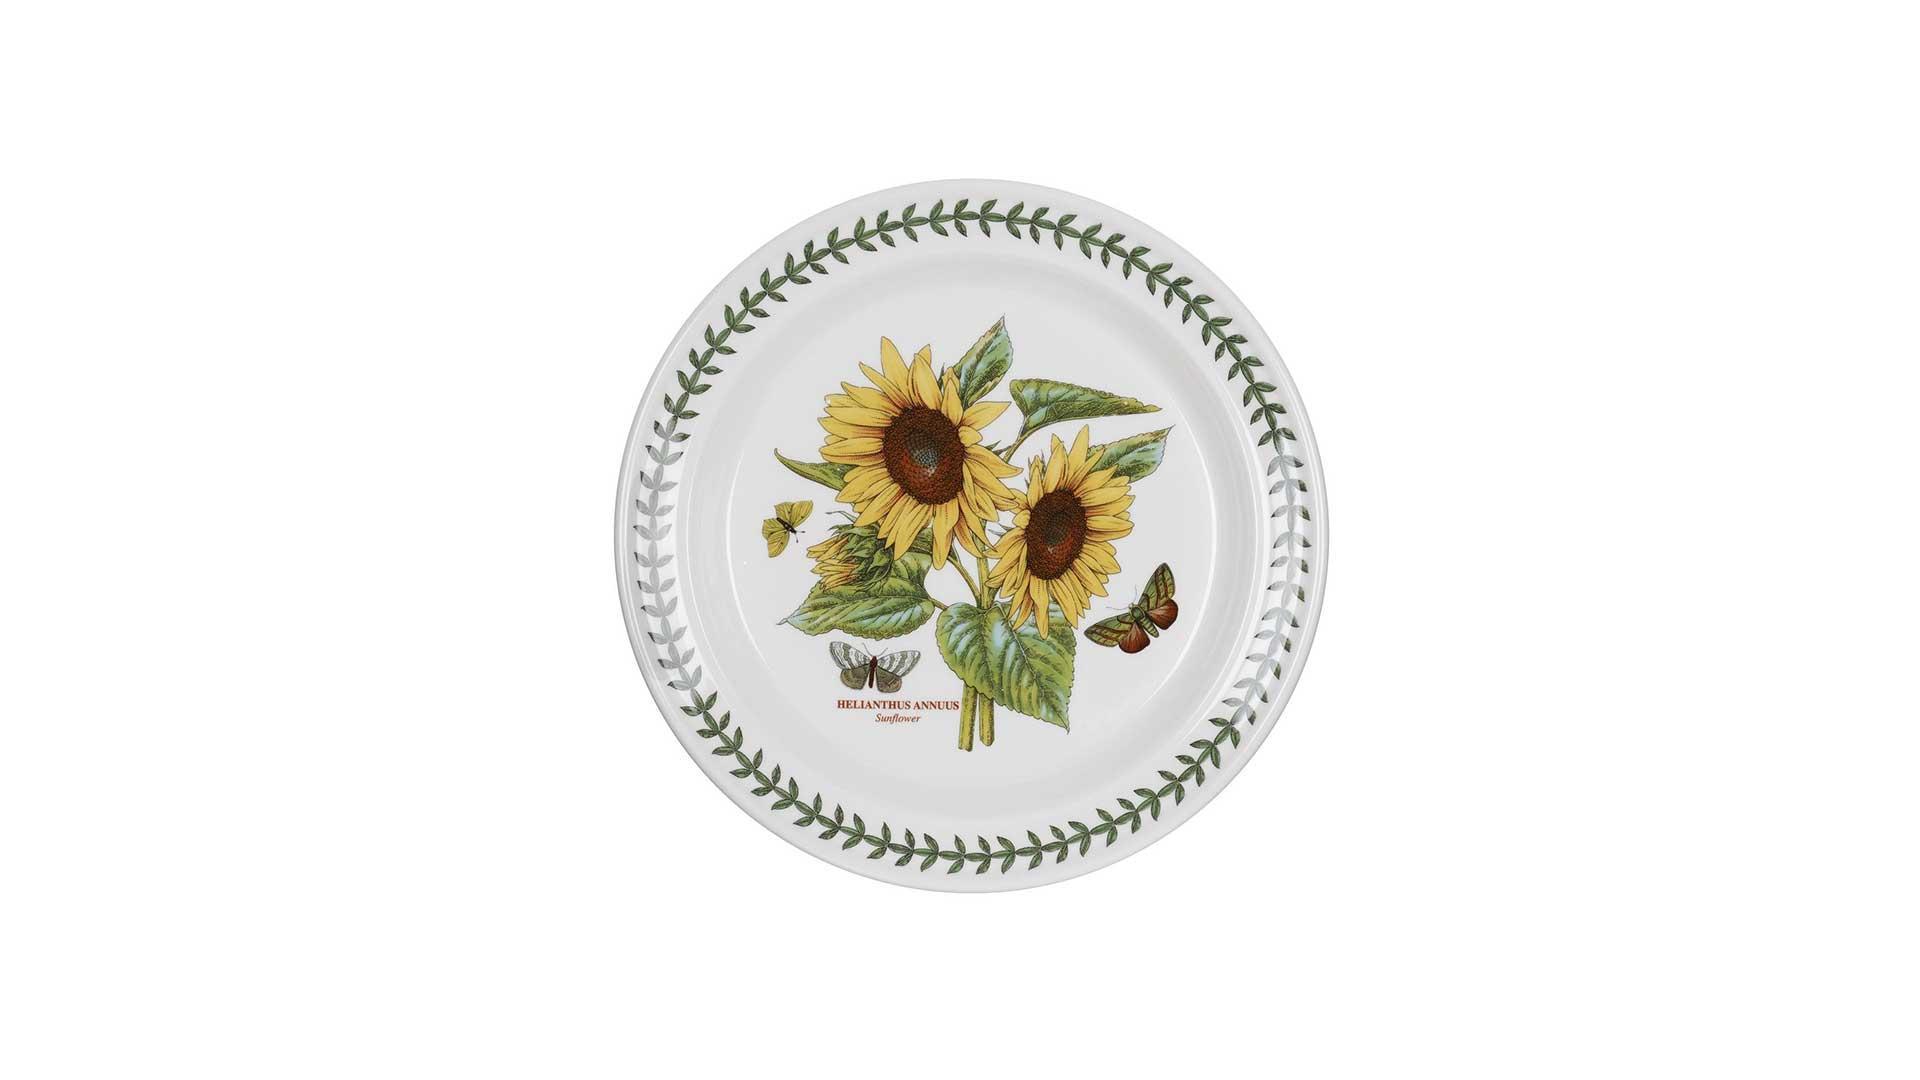 Тарелка Portmeirion PRT-BGSU05052-38, Фаянс закладки ботанический клуб